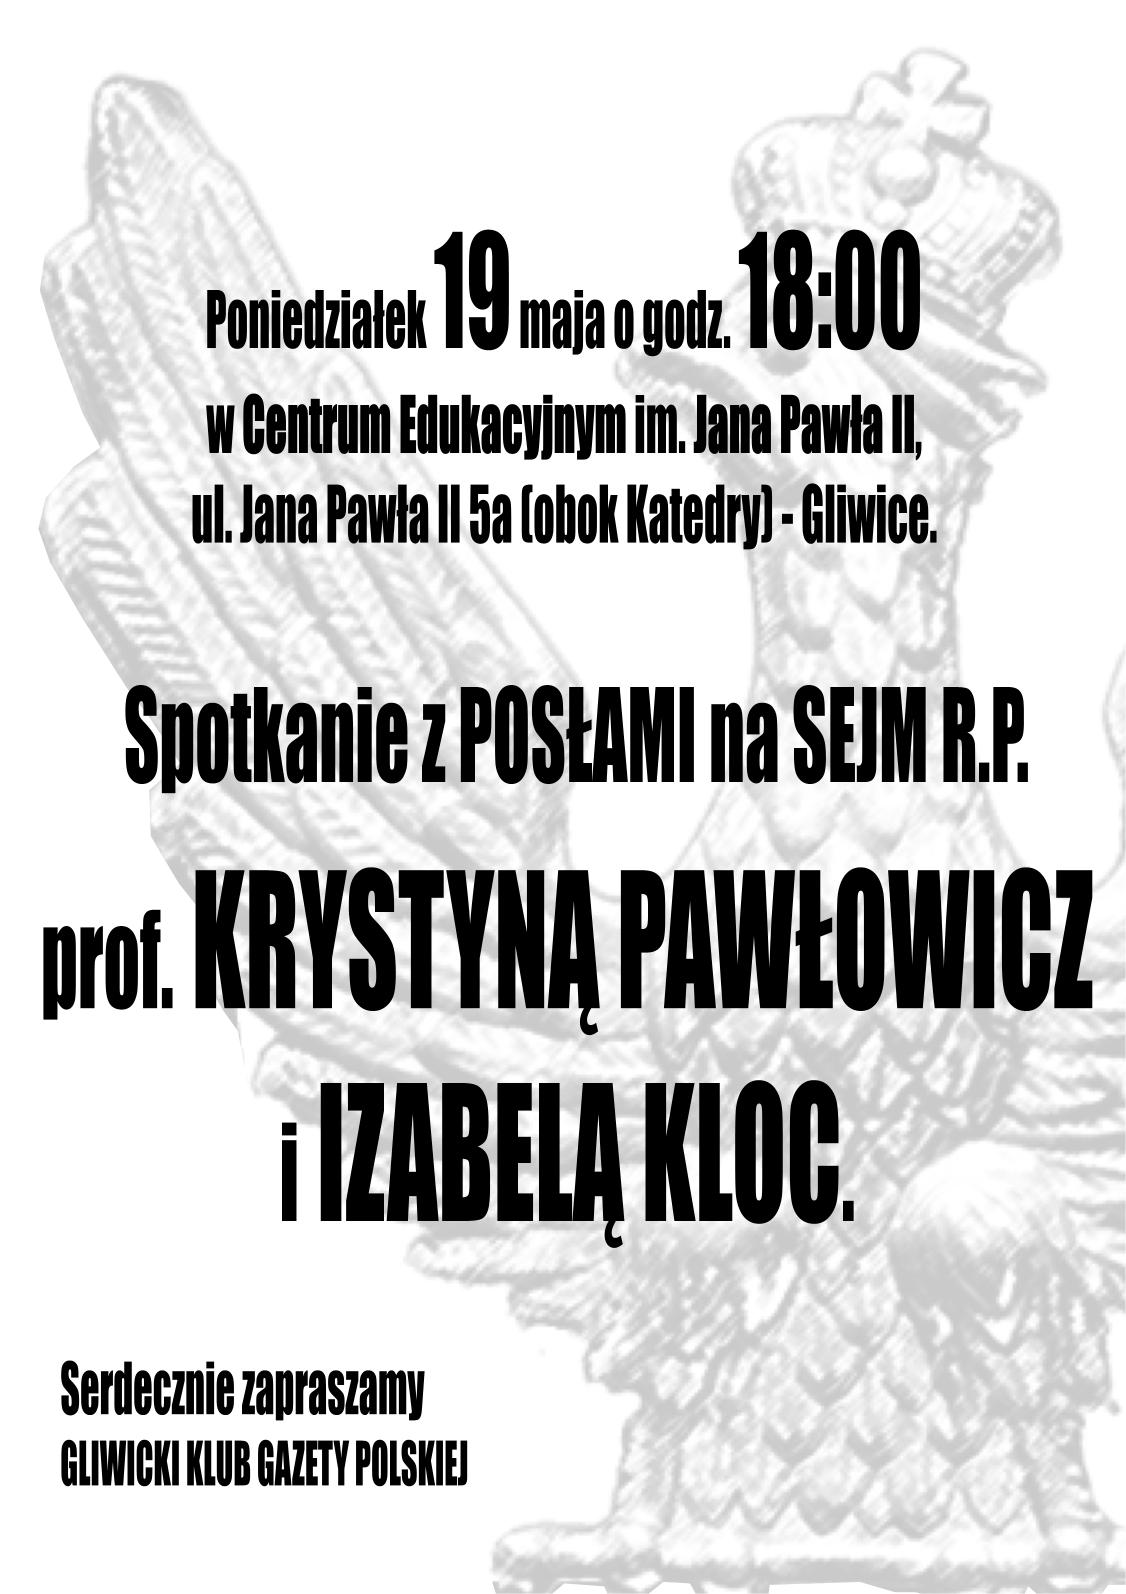 Gliwice_Pawlowicz